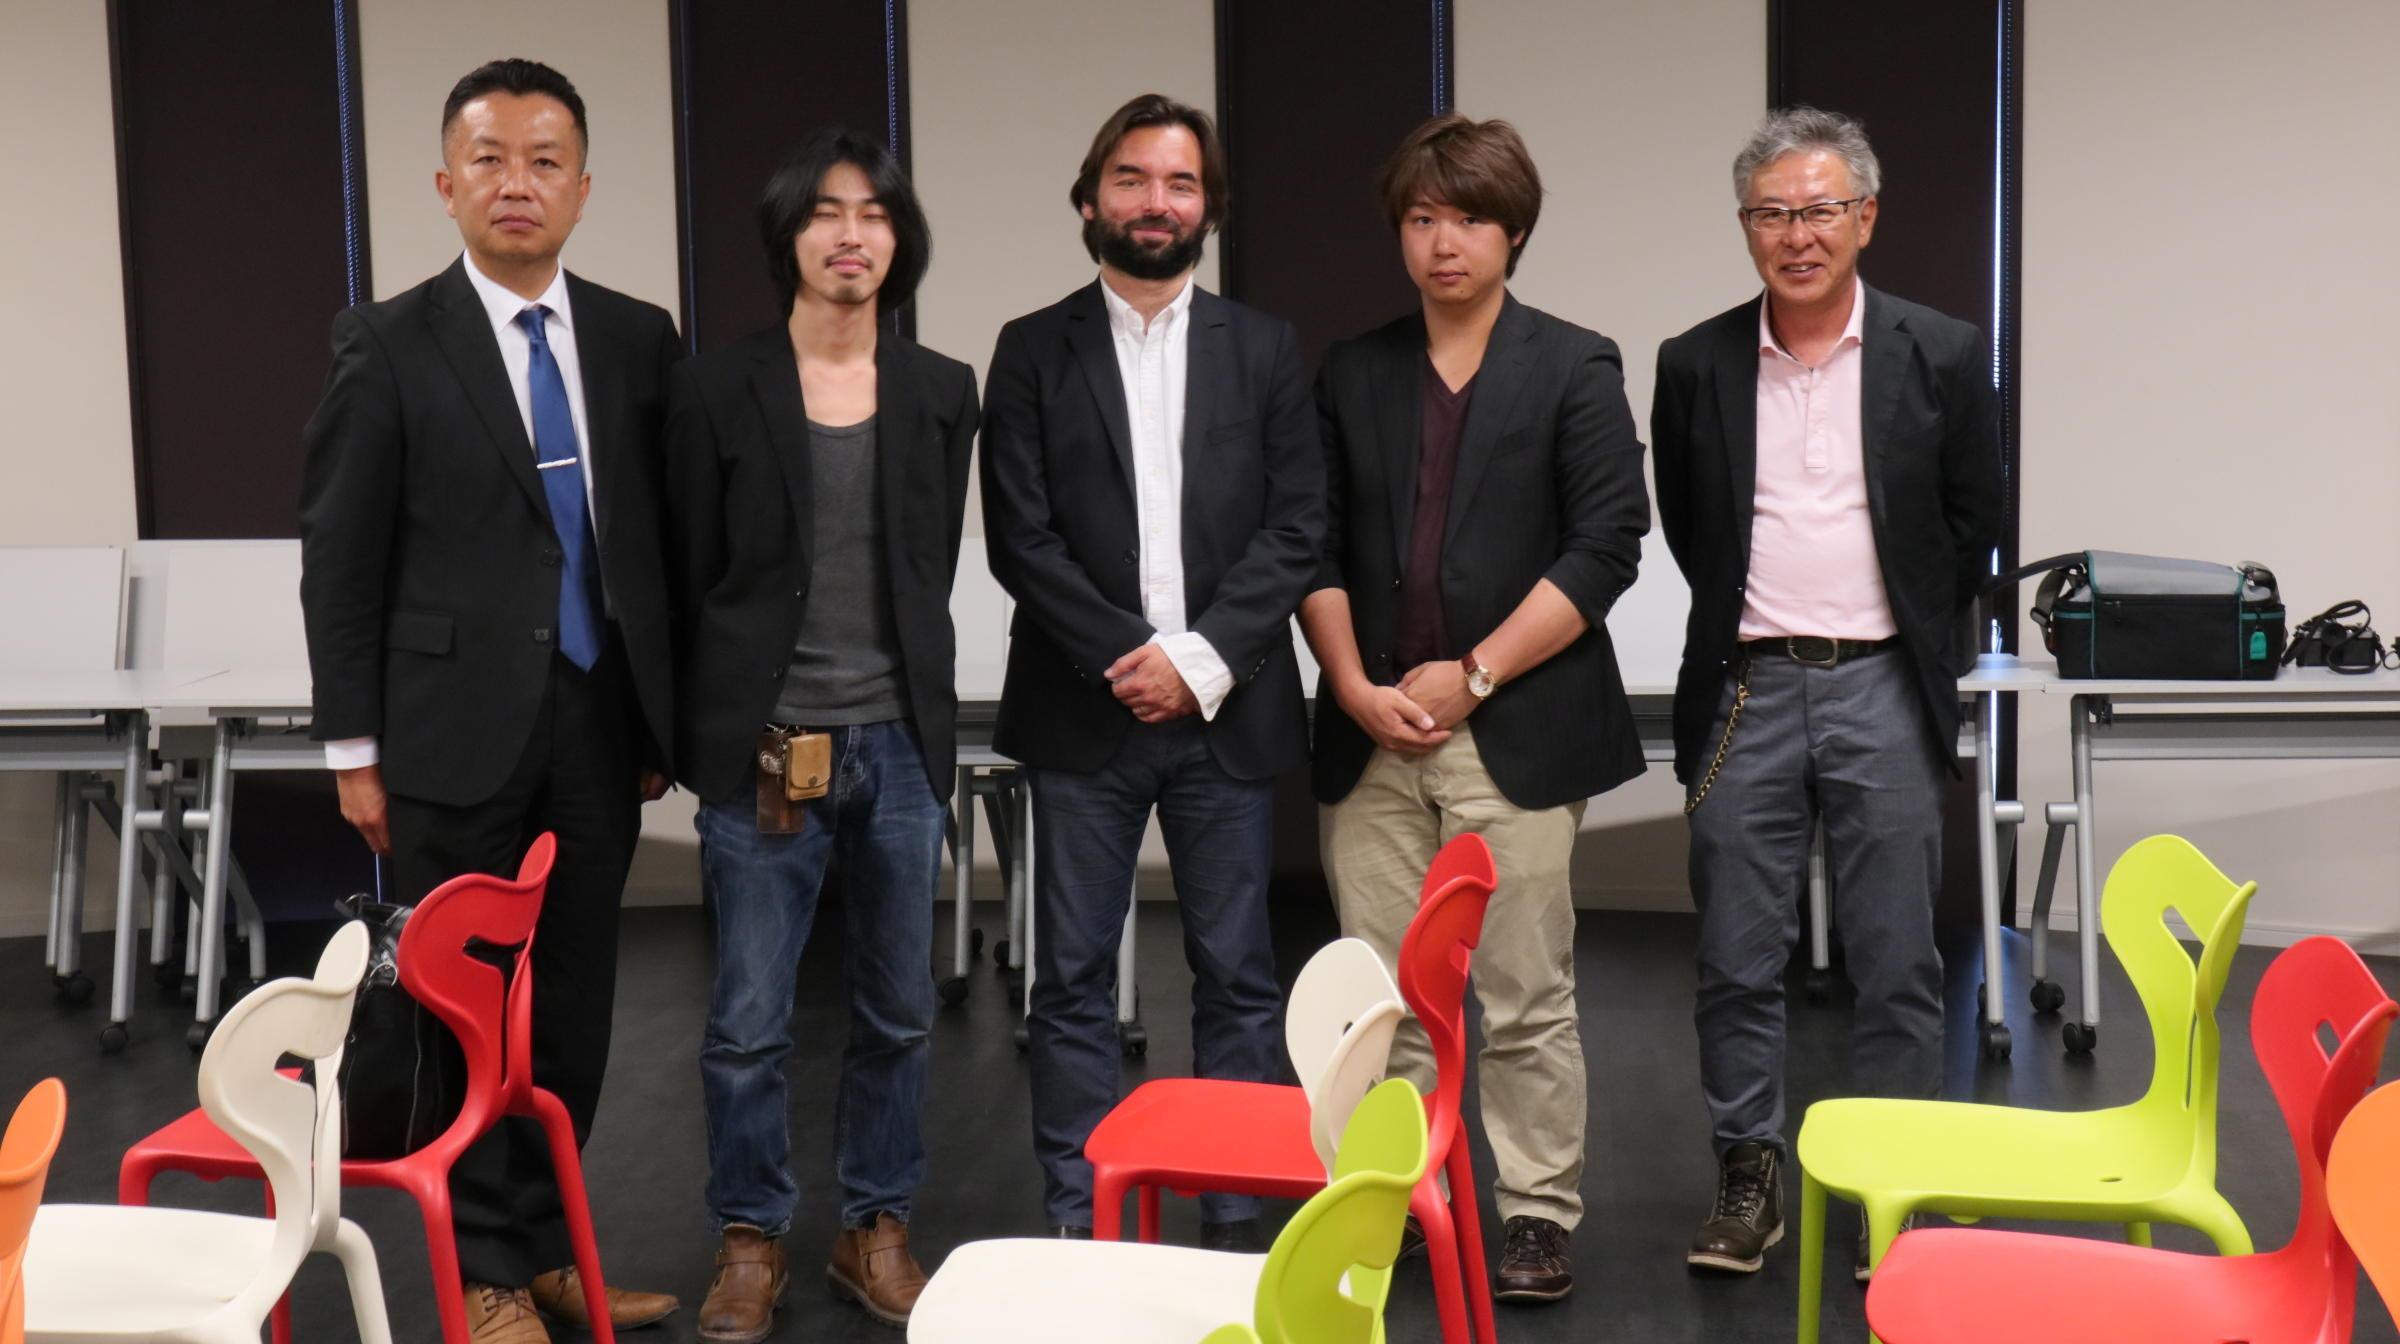 日本映画大学卒業制作映画「乙女よ、走れ」が「シズオカ×カンヌウィーク2019」で招待上映 -- 上映前には卒業生による舞台挨拶も